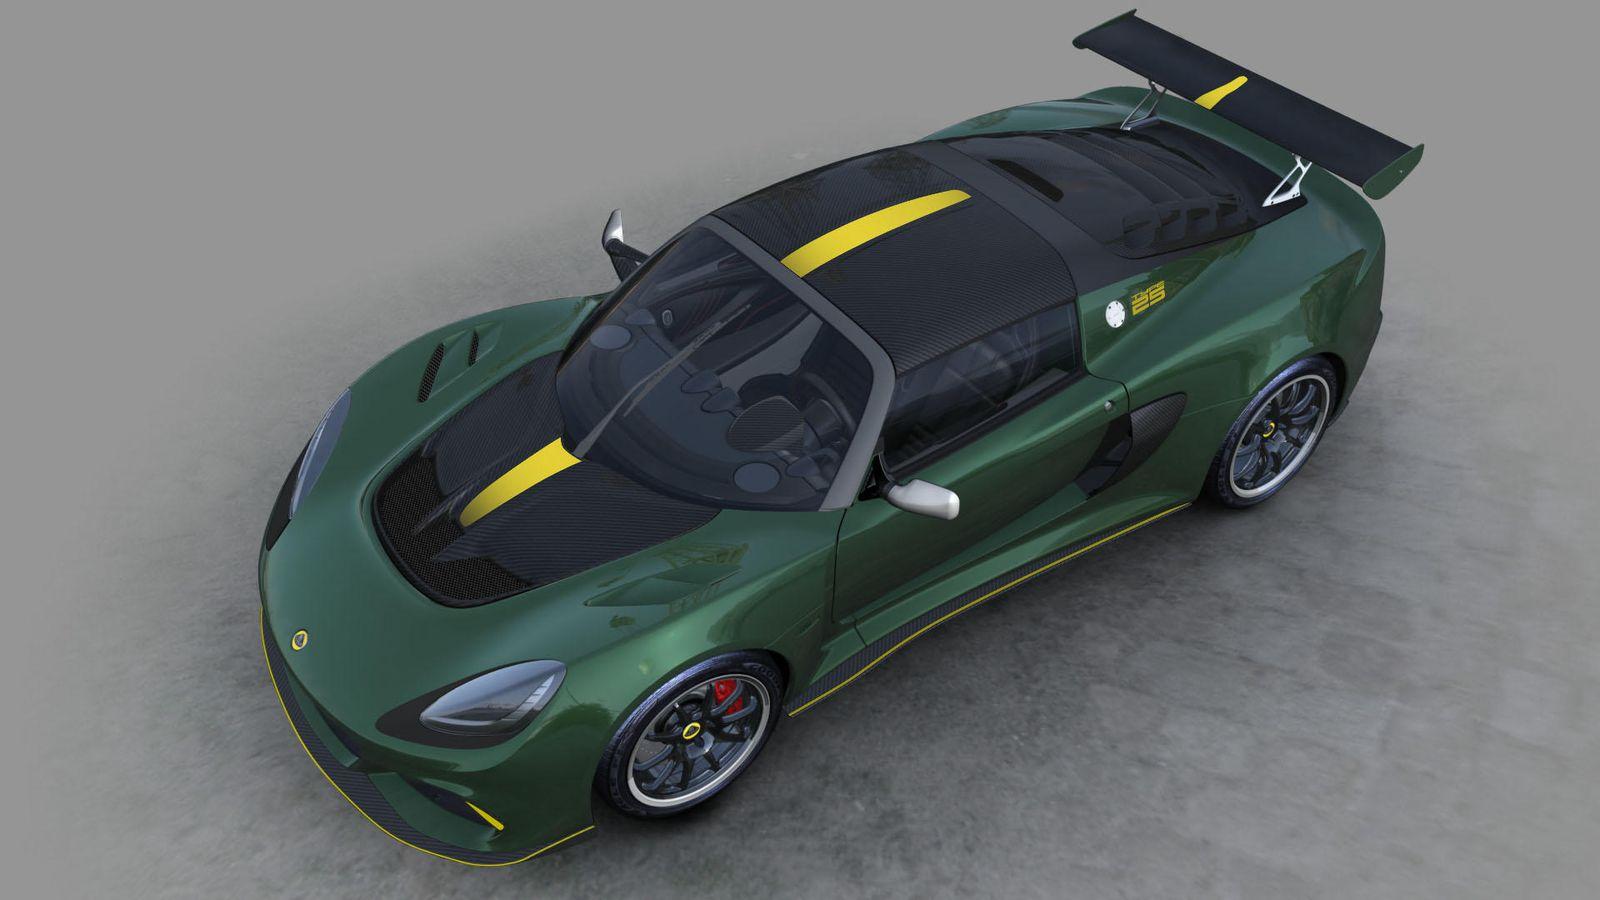 Компания Лотус разработала особый спорткар Exige для коллекционеров